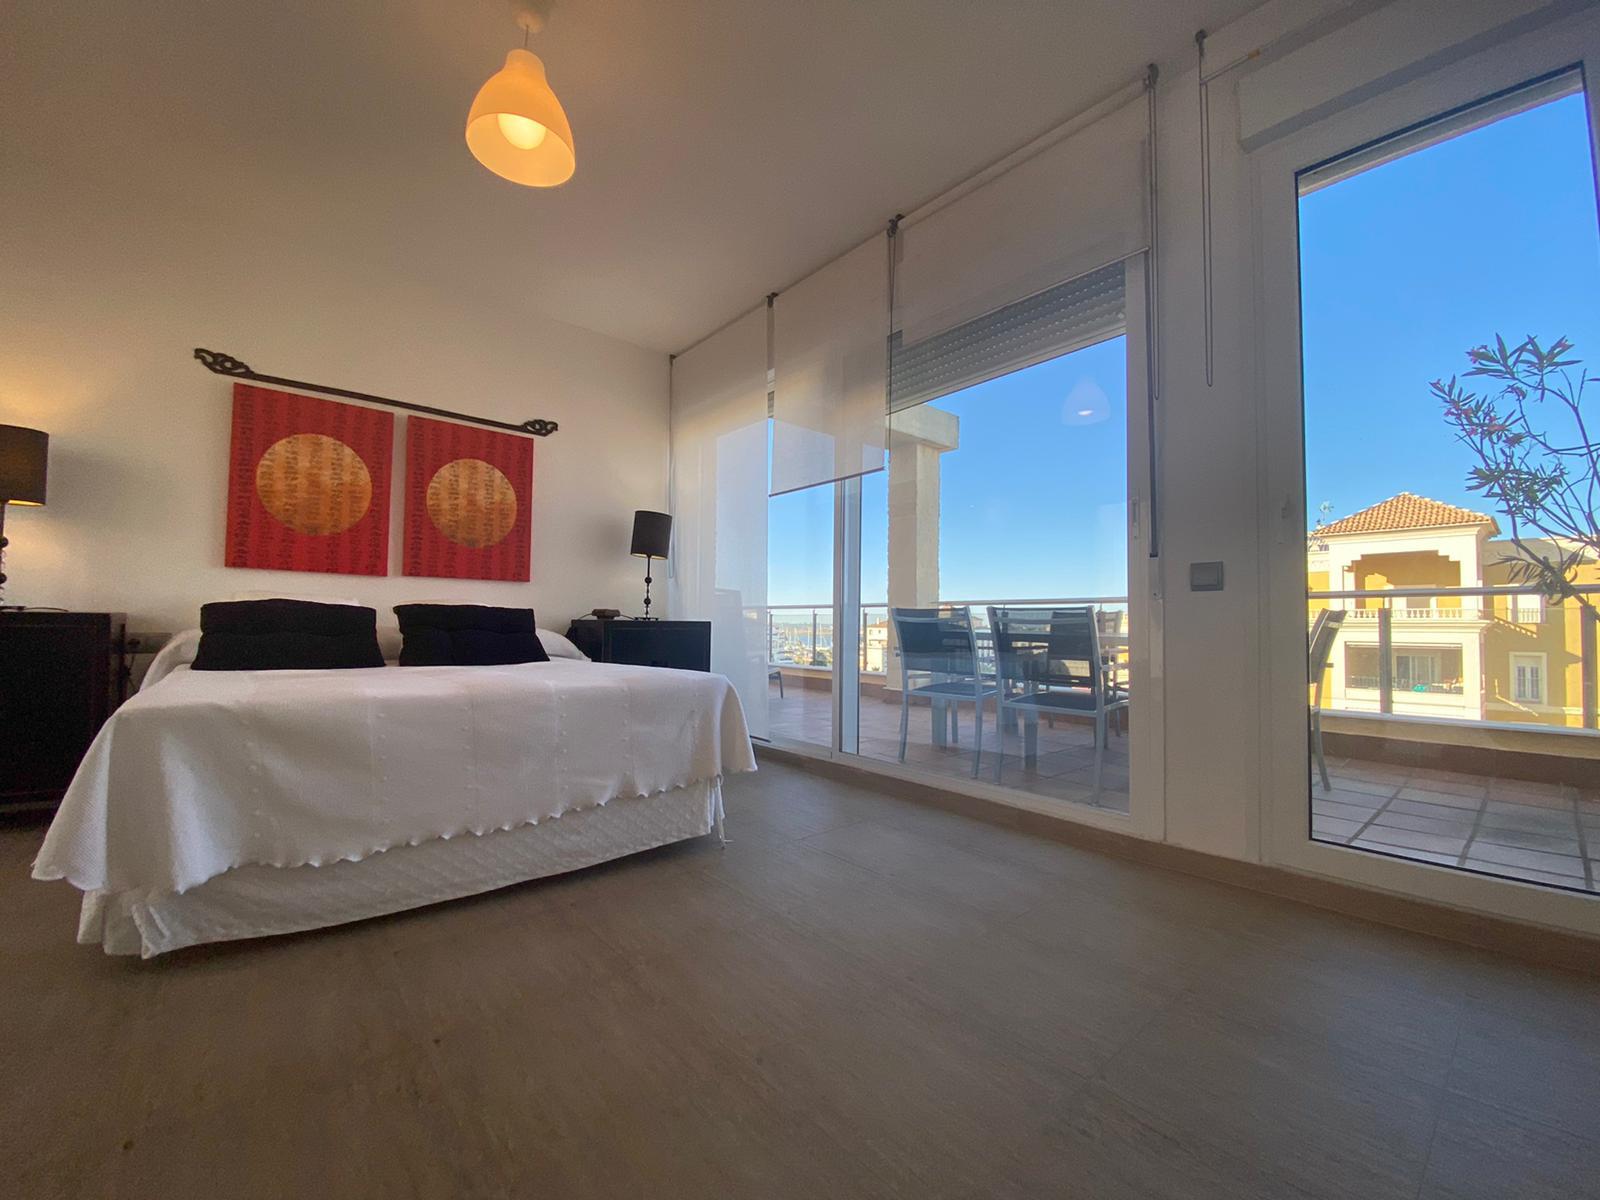 Imagen 23 del Apartamento Turístico, Ático 6 Levante (3d+2b), Punta del Moral (HUELVA), Paseo de la Cruz nº22